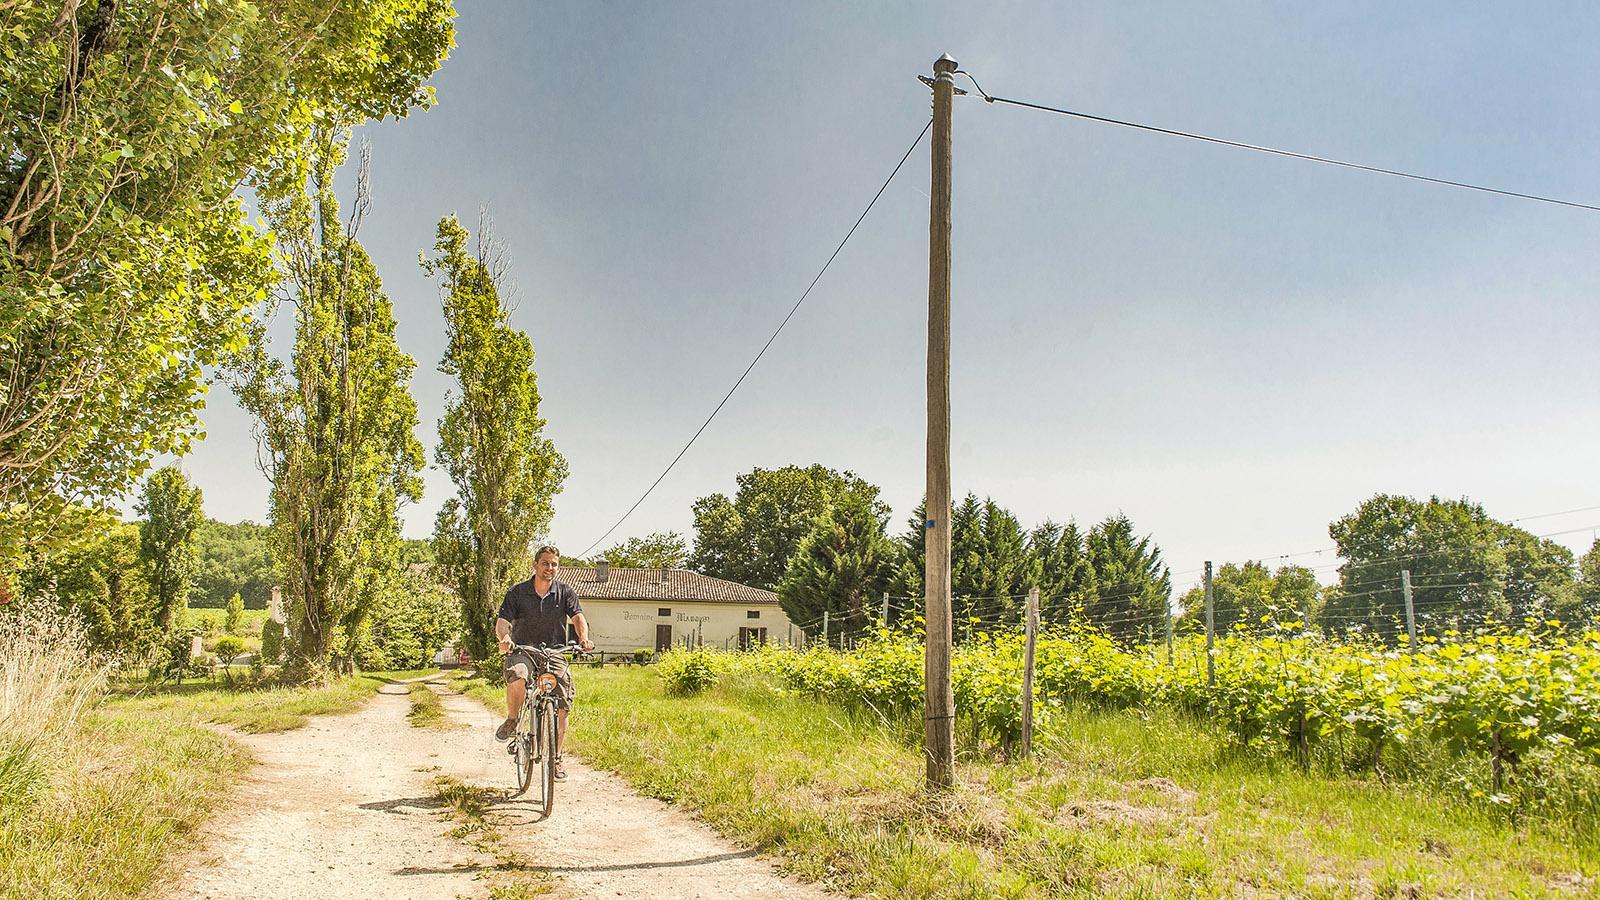 Auf Landwegen abseits vom Verkehr durch wunderschöne Landschaften radeln - herrlich! Wie hier in Entre-deux-Mers. Foto: Hilke Maunder